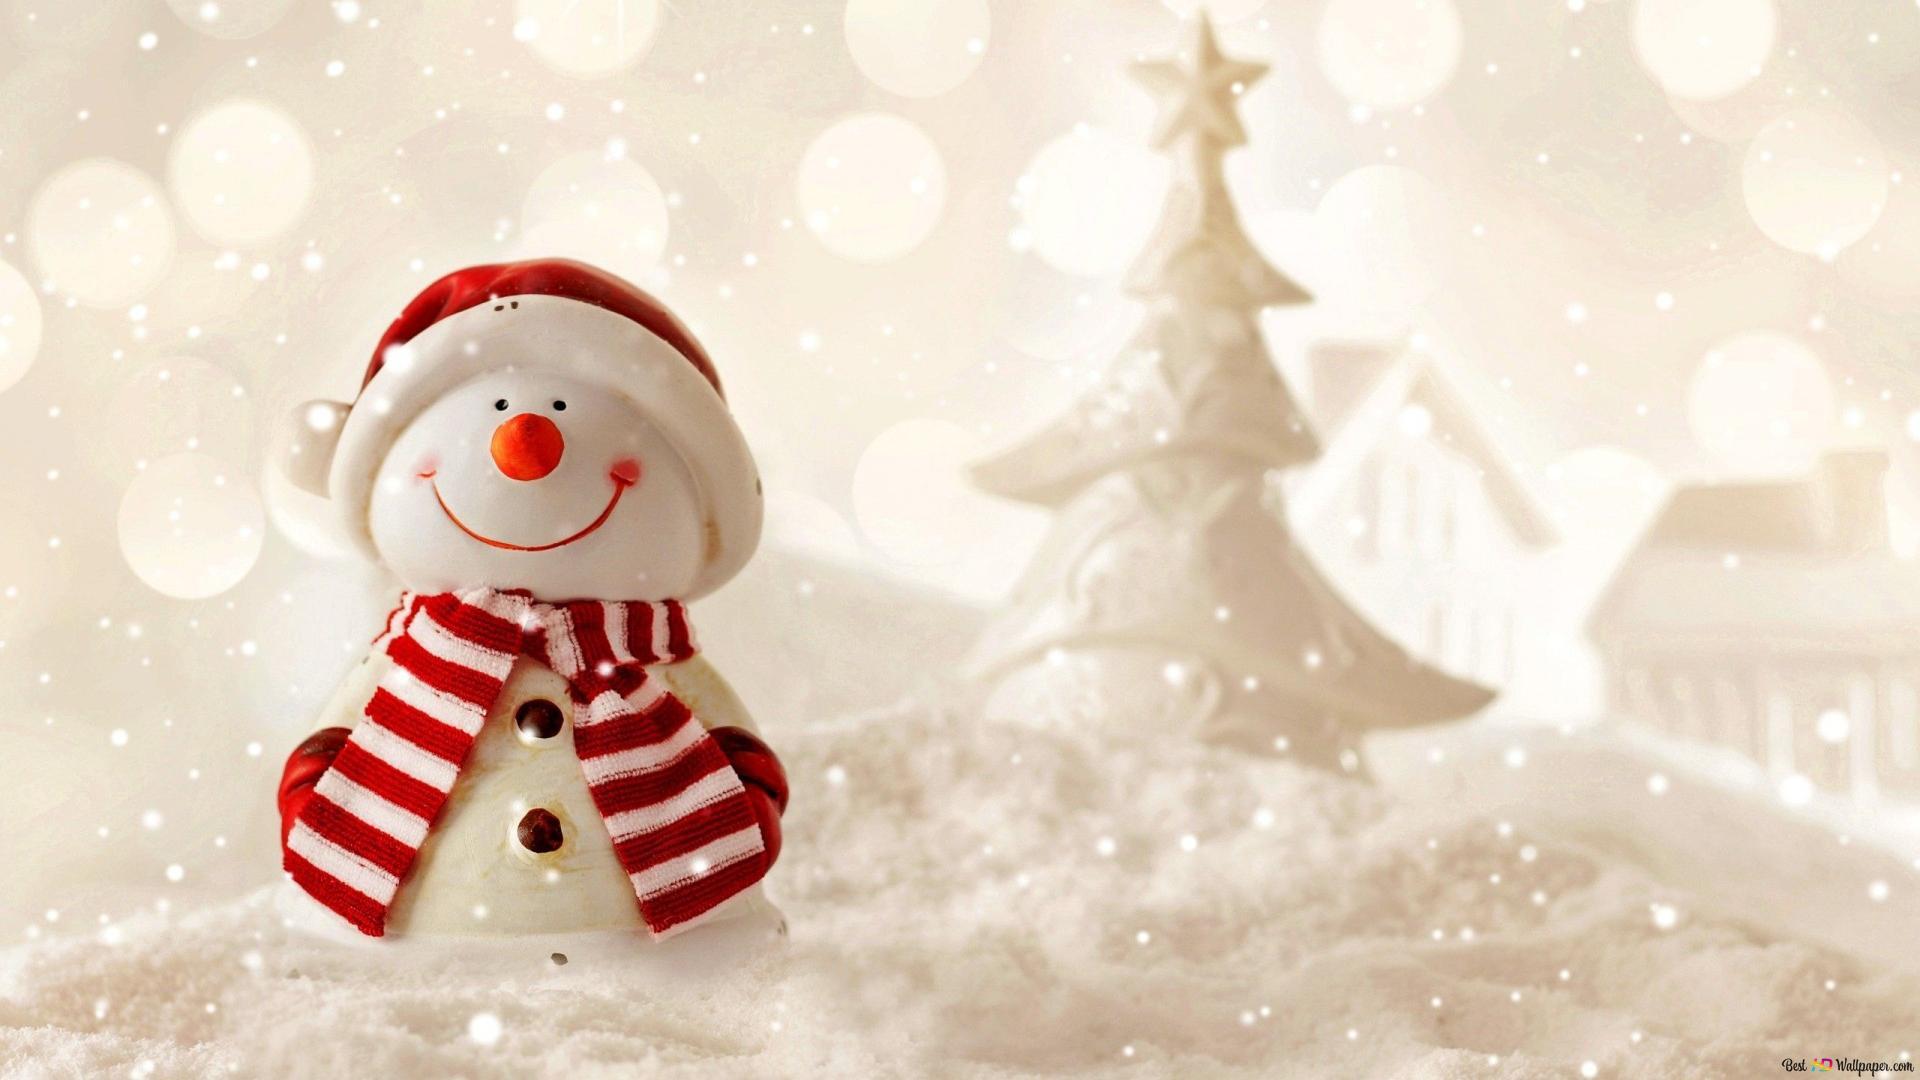 クリスマス 芸術的かわいい雪だるま Hd壁紙のダウンロード